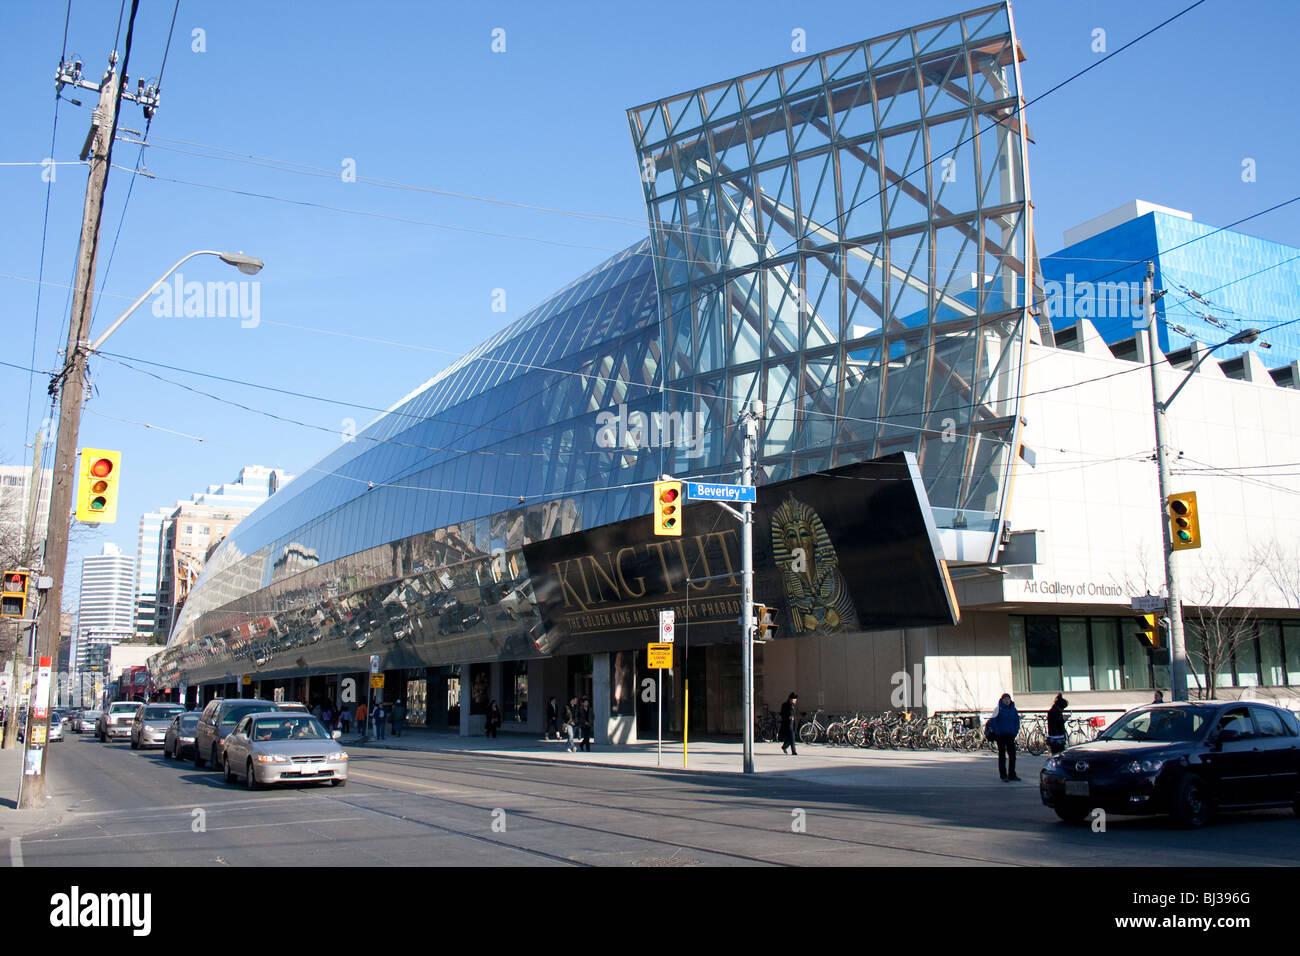 Foto De Galería De Arte De Ontario Ago Toronto: Outside Of The Art Gallery Of Ontario (AGO) Along Dundas